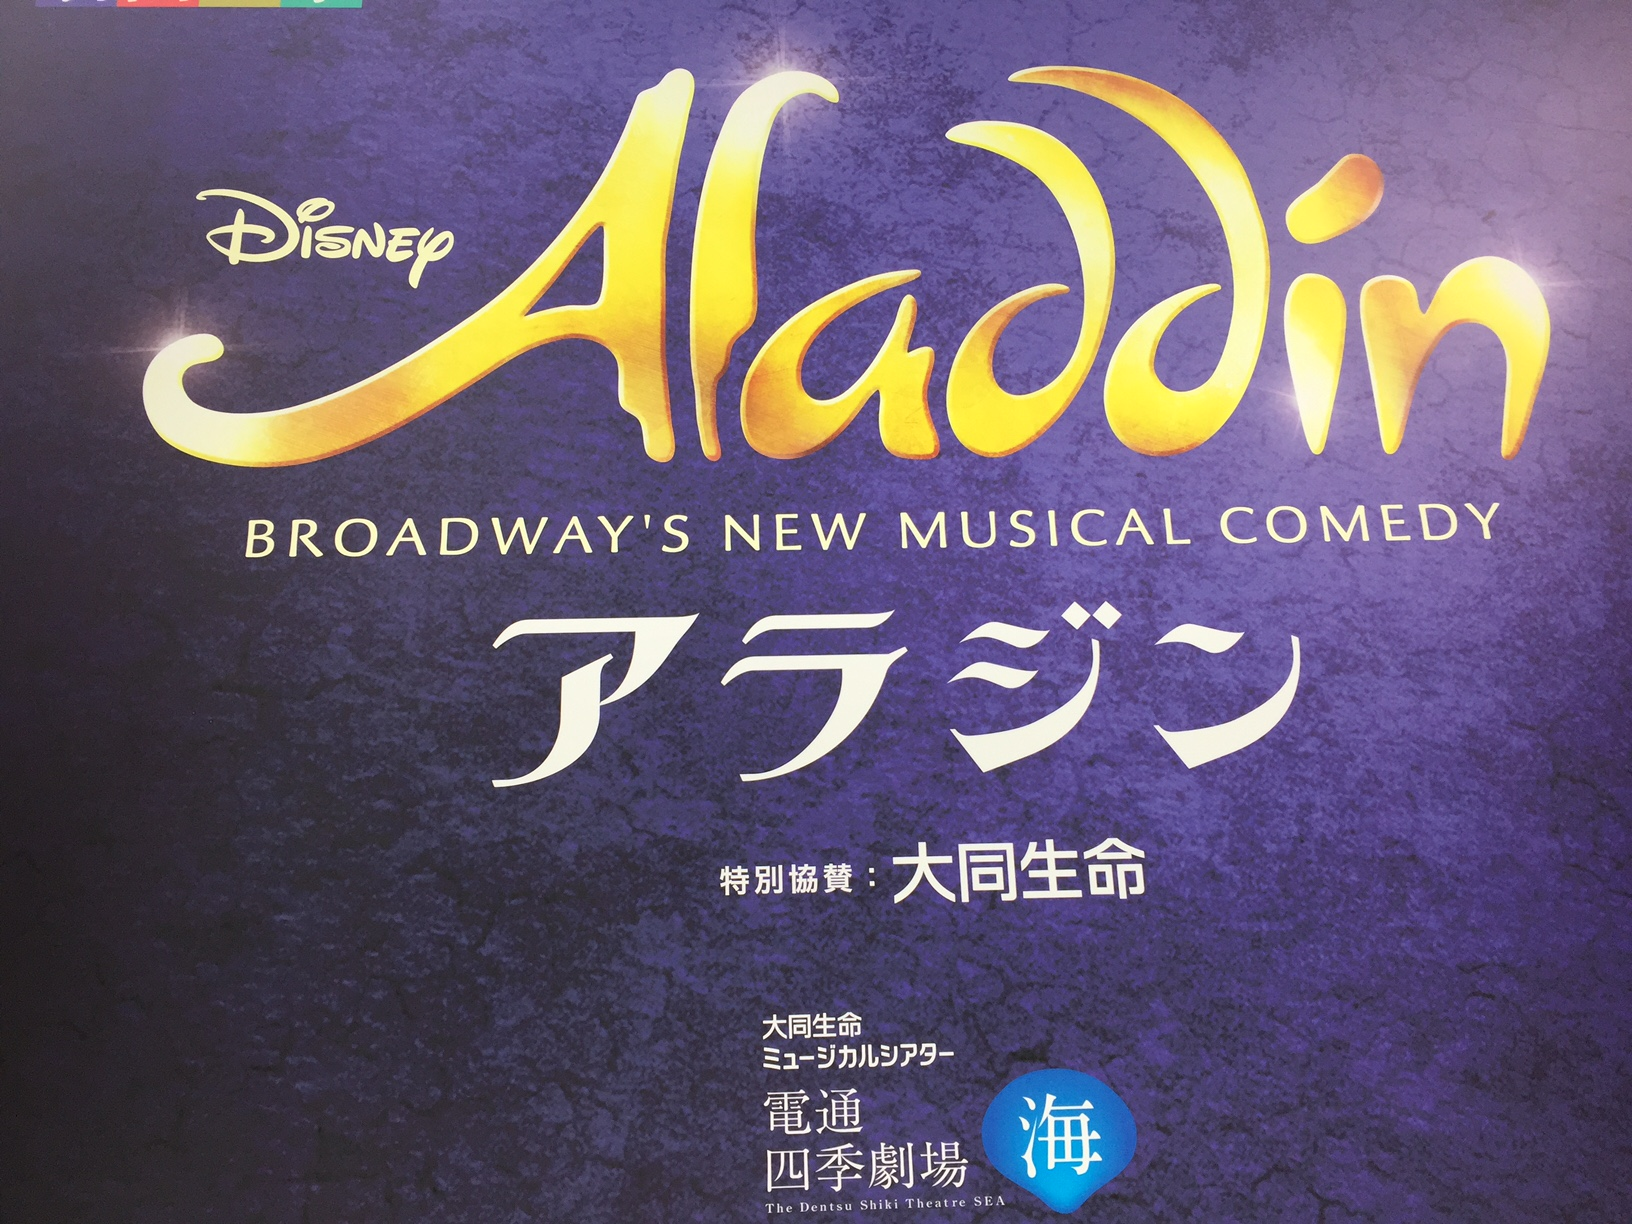 劇団四季ミュージカル「アラジン」笑って感動!最高に楽しいミュージカル♪